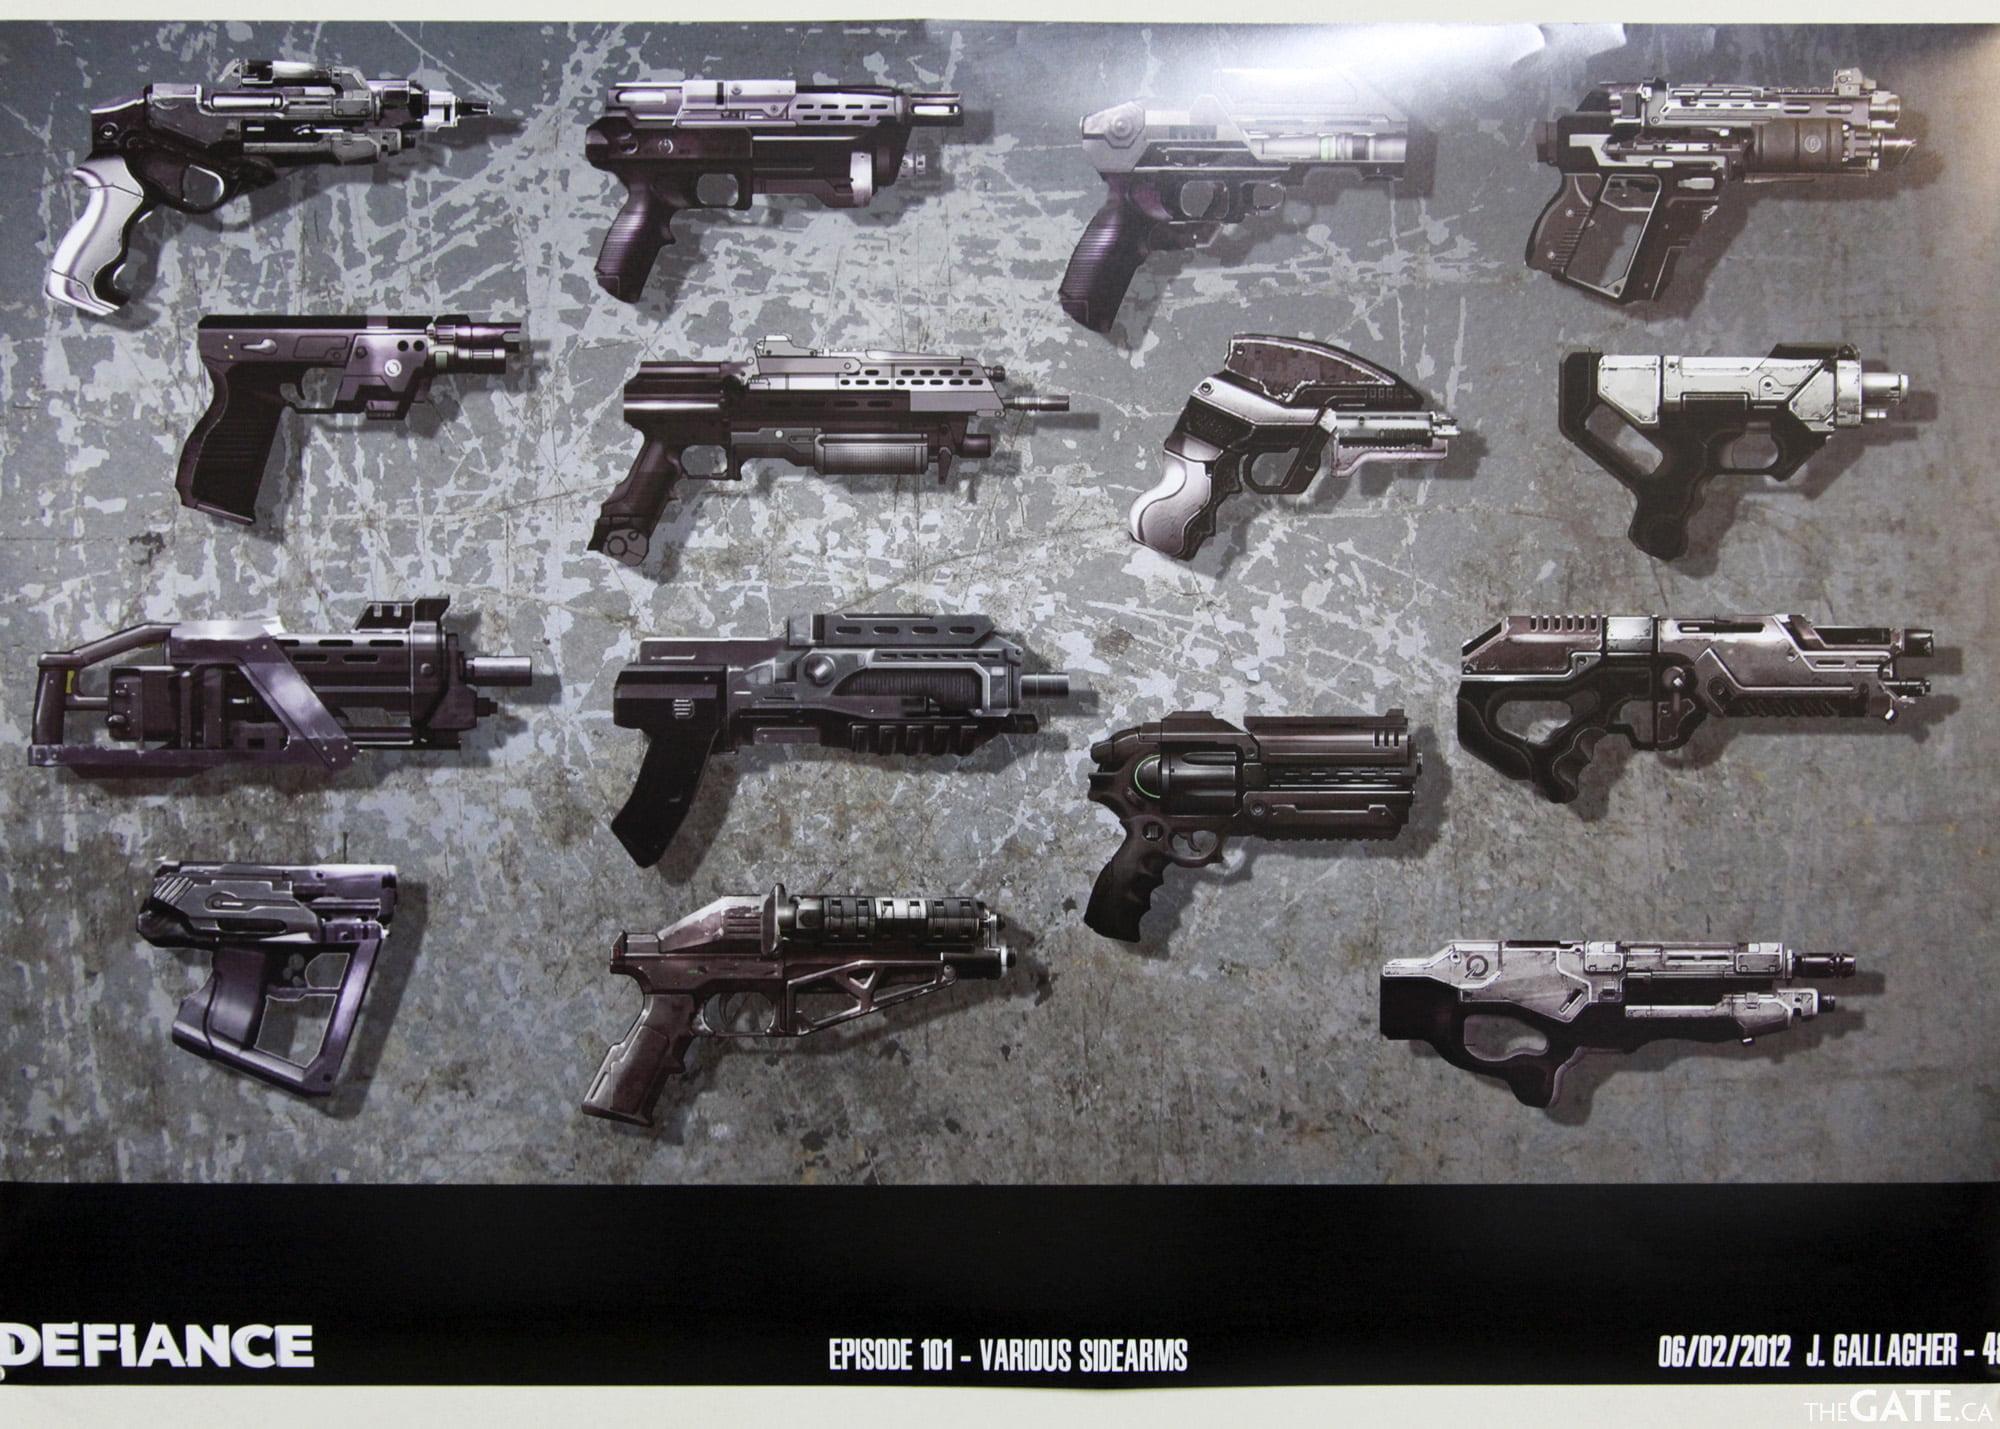 Defiance hand guns